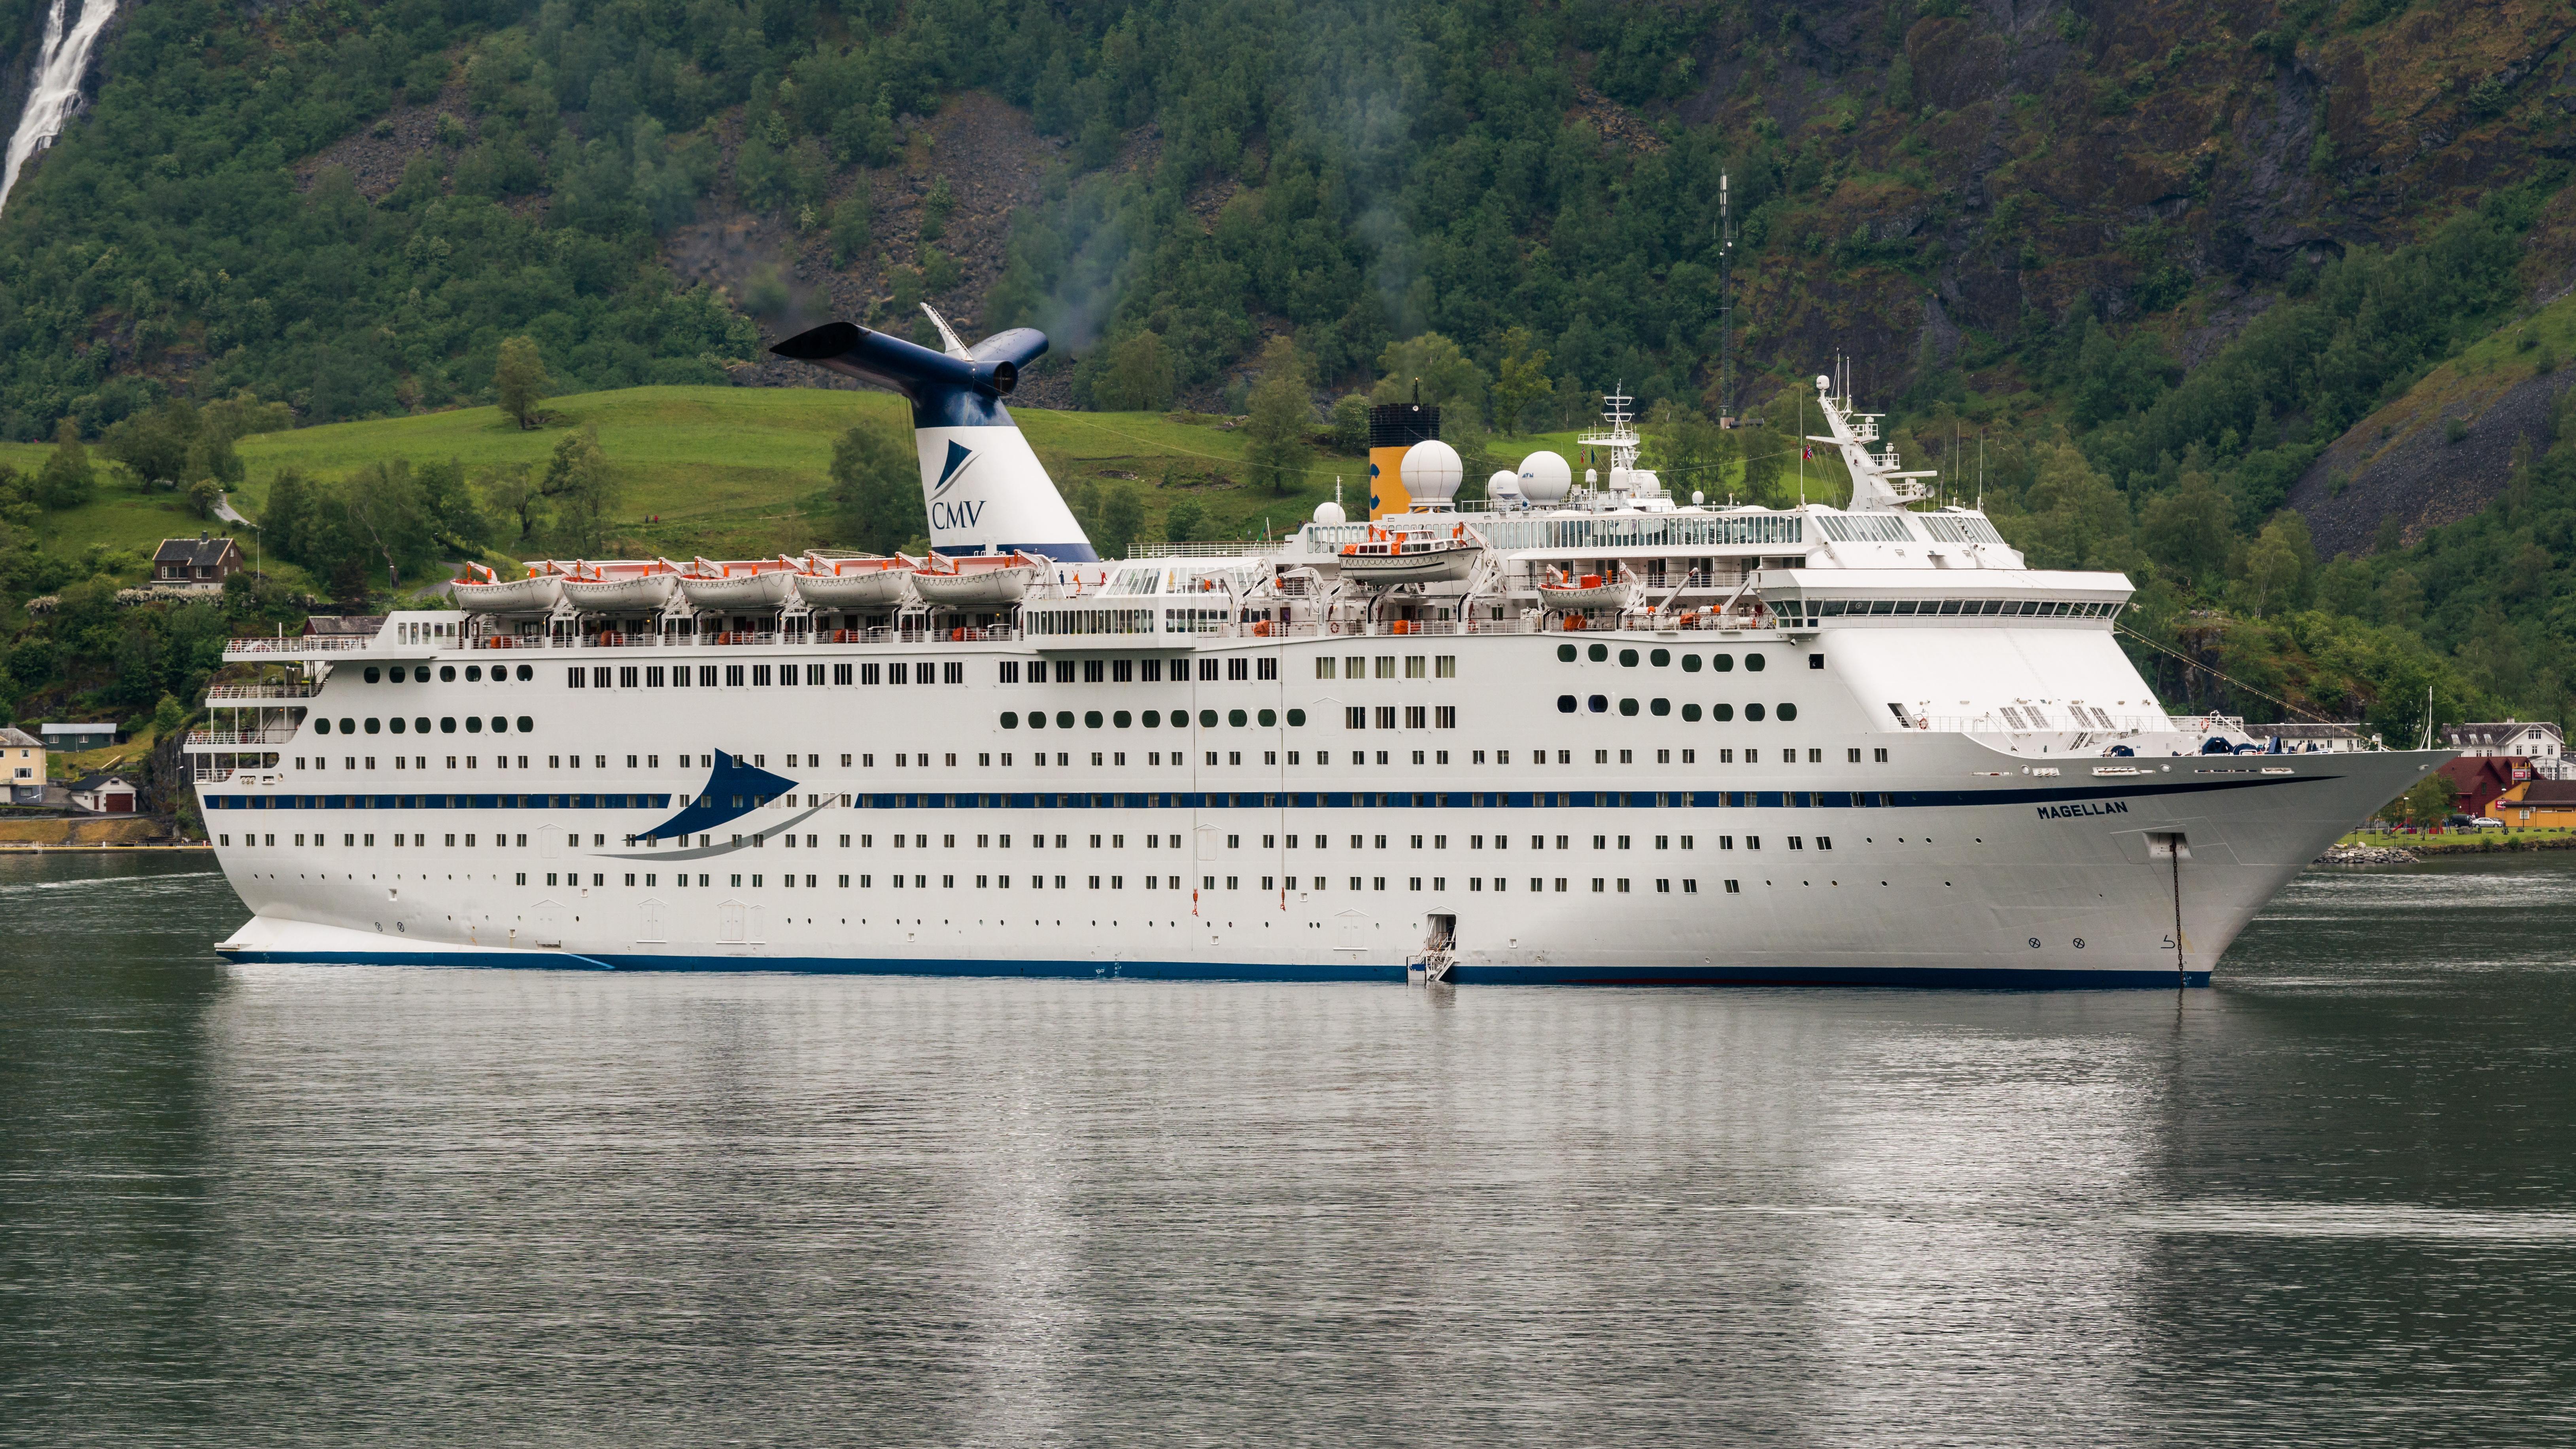 Holidayclass Cruise Ship Wikiwand - Amadea cruise ship itinerary